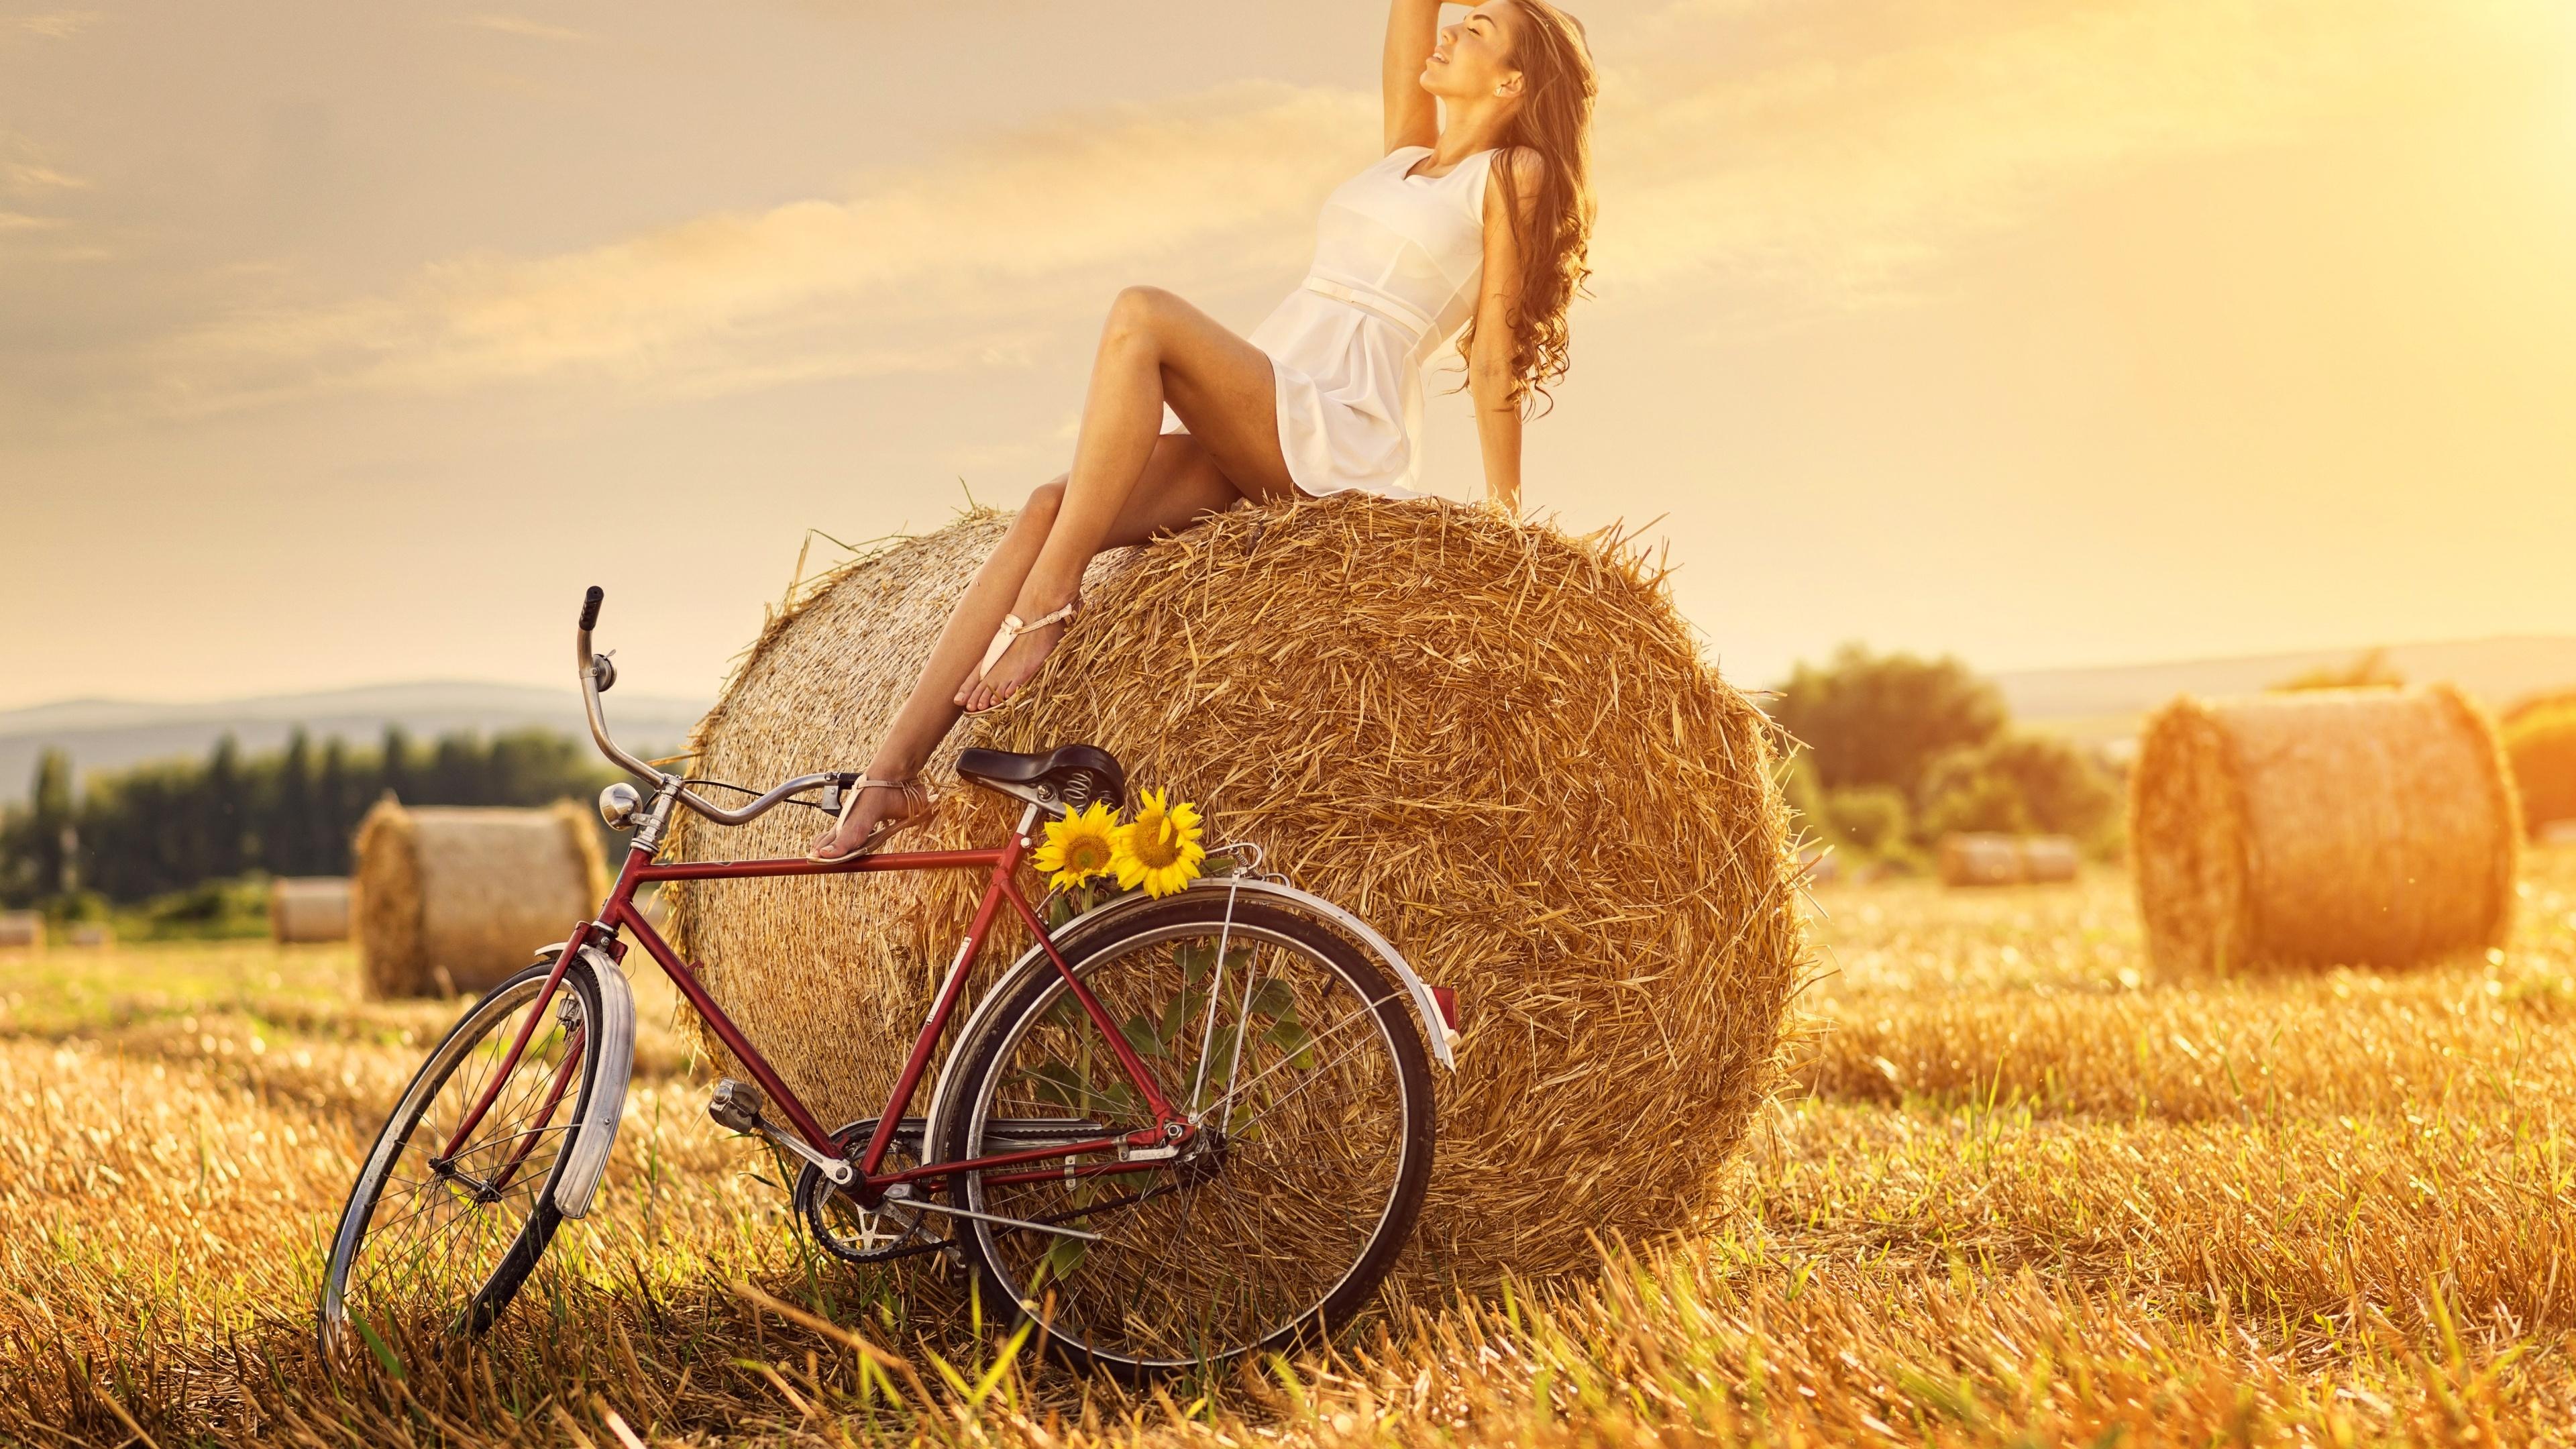 Фотографии Шатенка позирует велосипеде Девушки Поля сидя Солома платья 3840x2160 шатенки Поза Велосипед велосипеды девушка молодая женщина молодые женщины Сидит соломе сидящие Платье